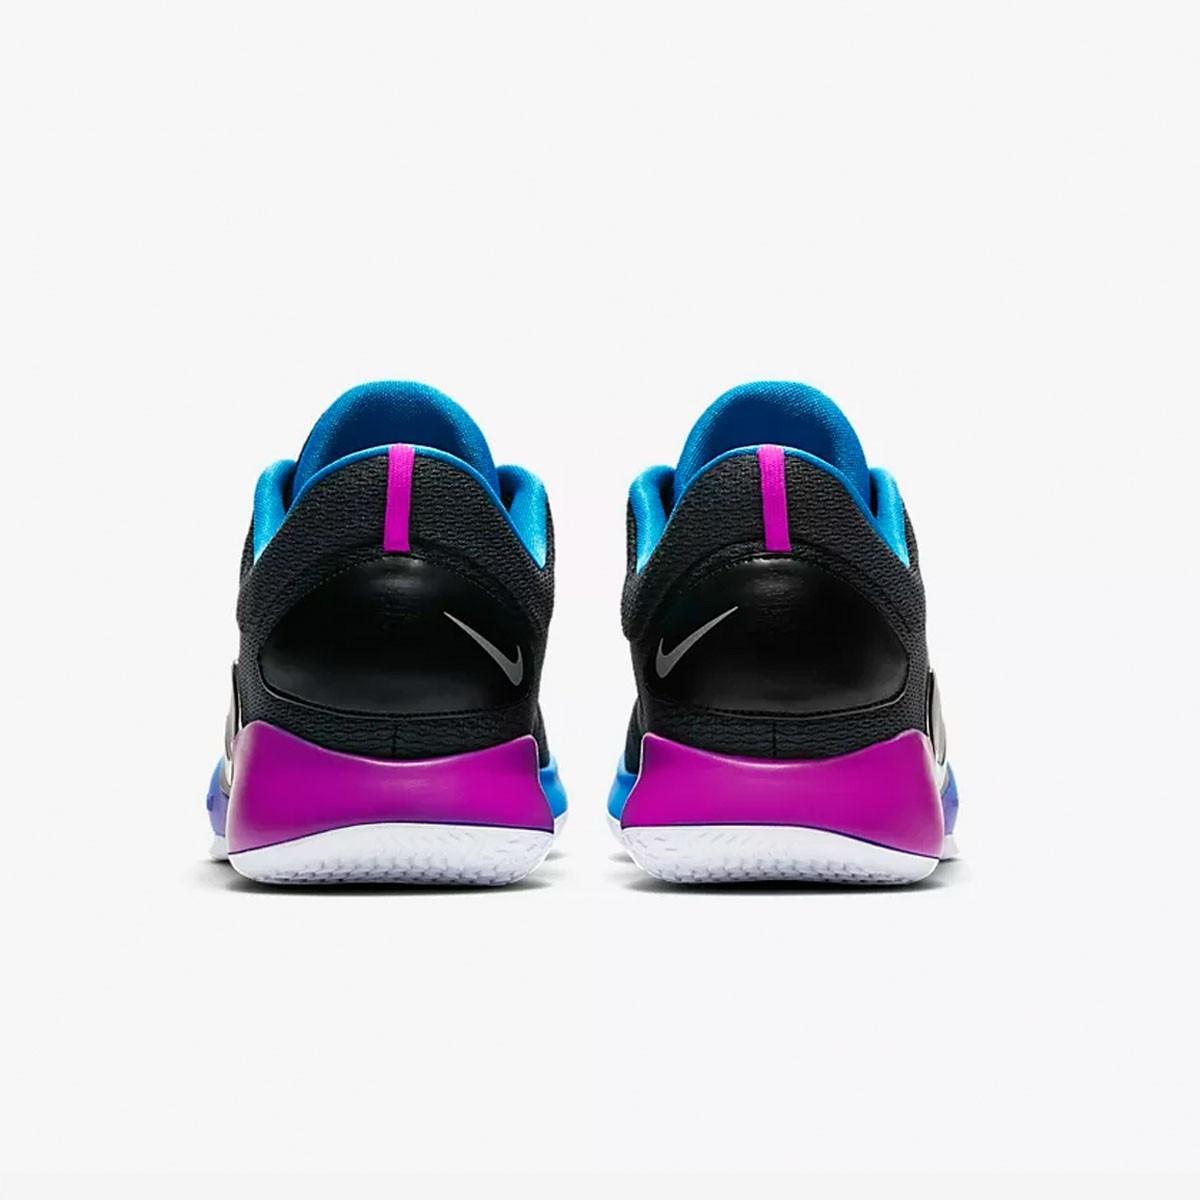 Nike Hyperdunk X GS Low 2018 'Huarache' AR0464-004-Jr